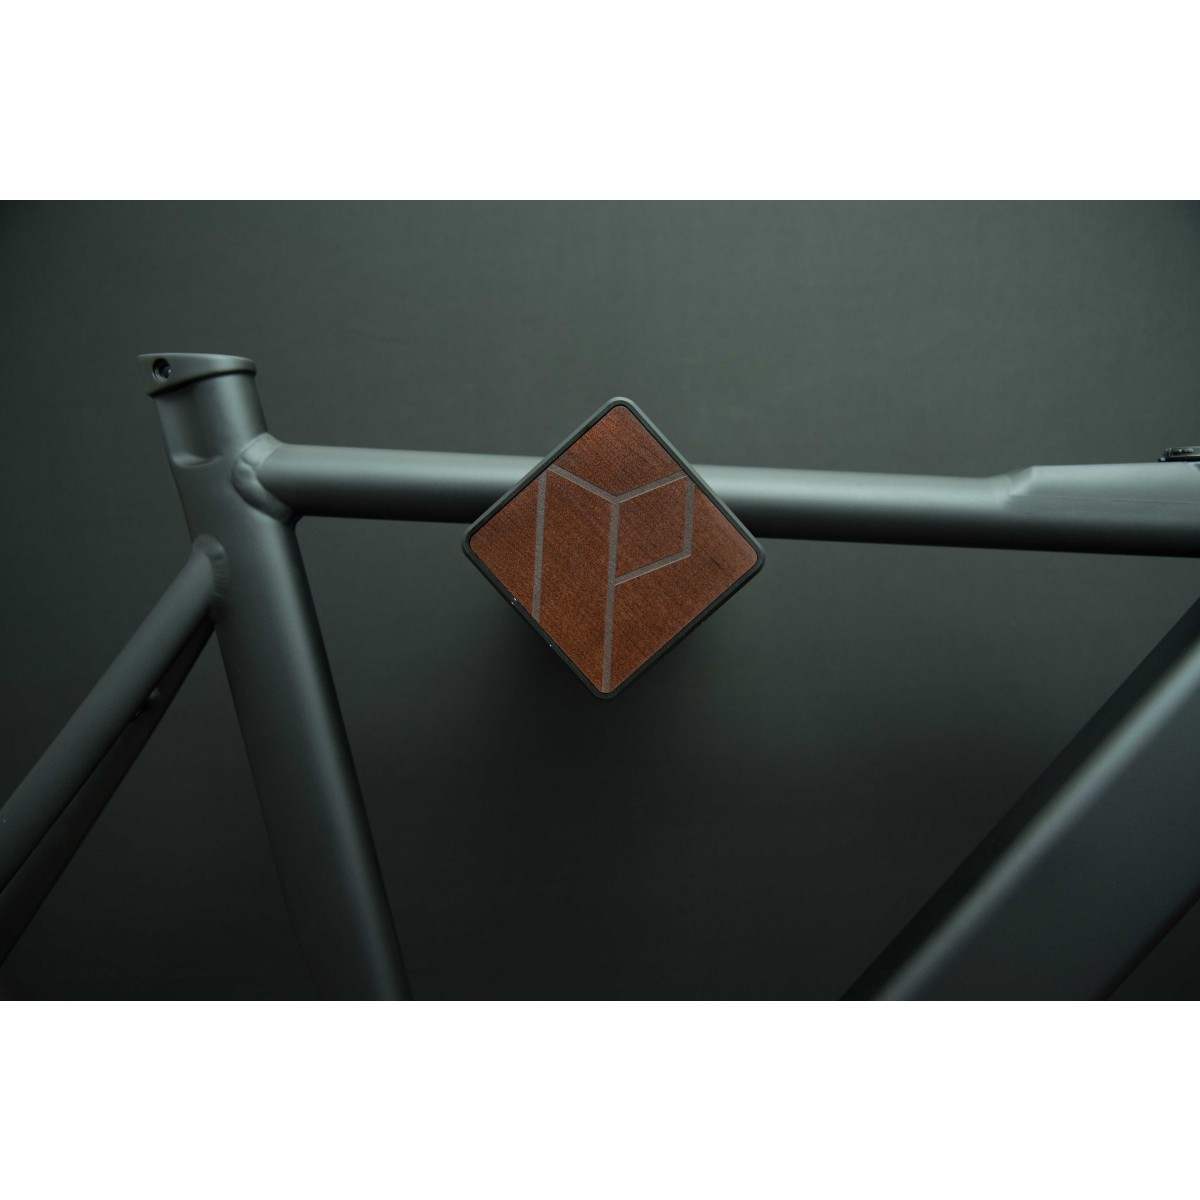 Stilvolle Design Fahrrad Wandhalterung | PARAX® D-RACK | für Rennrad, Hardtail, Cityrad & Tourenrad | Schwarz mit Kebony Holz